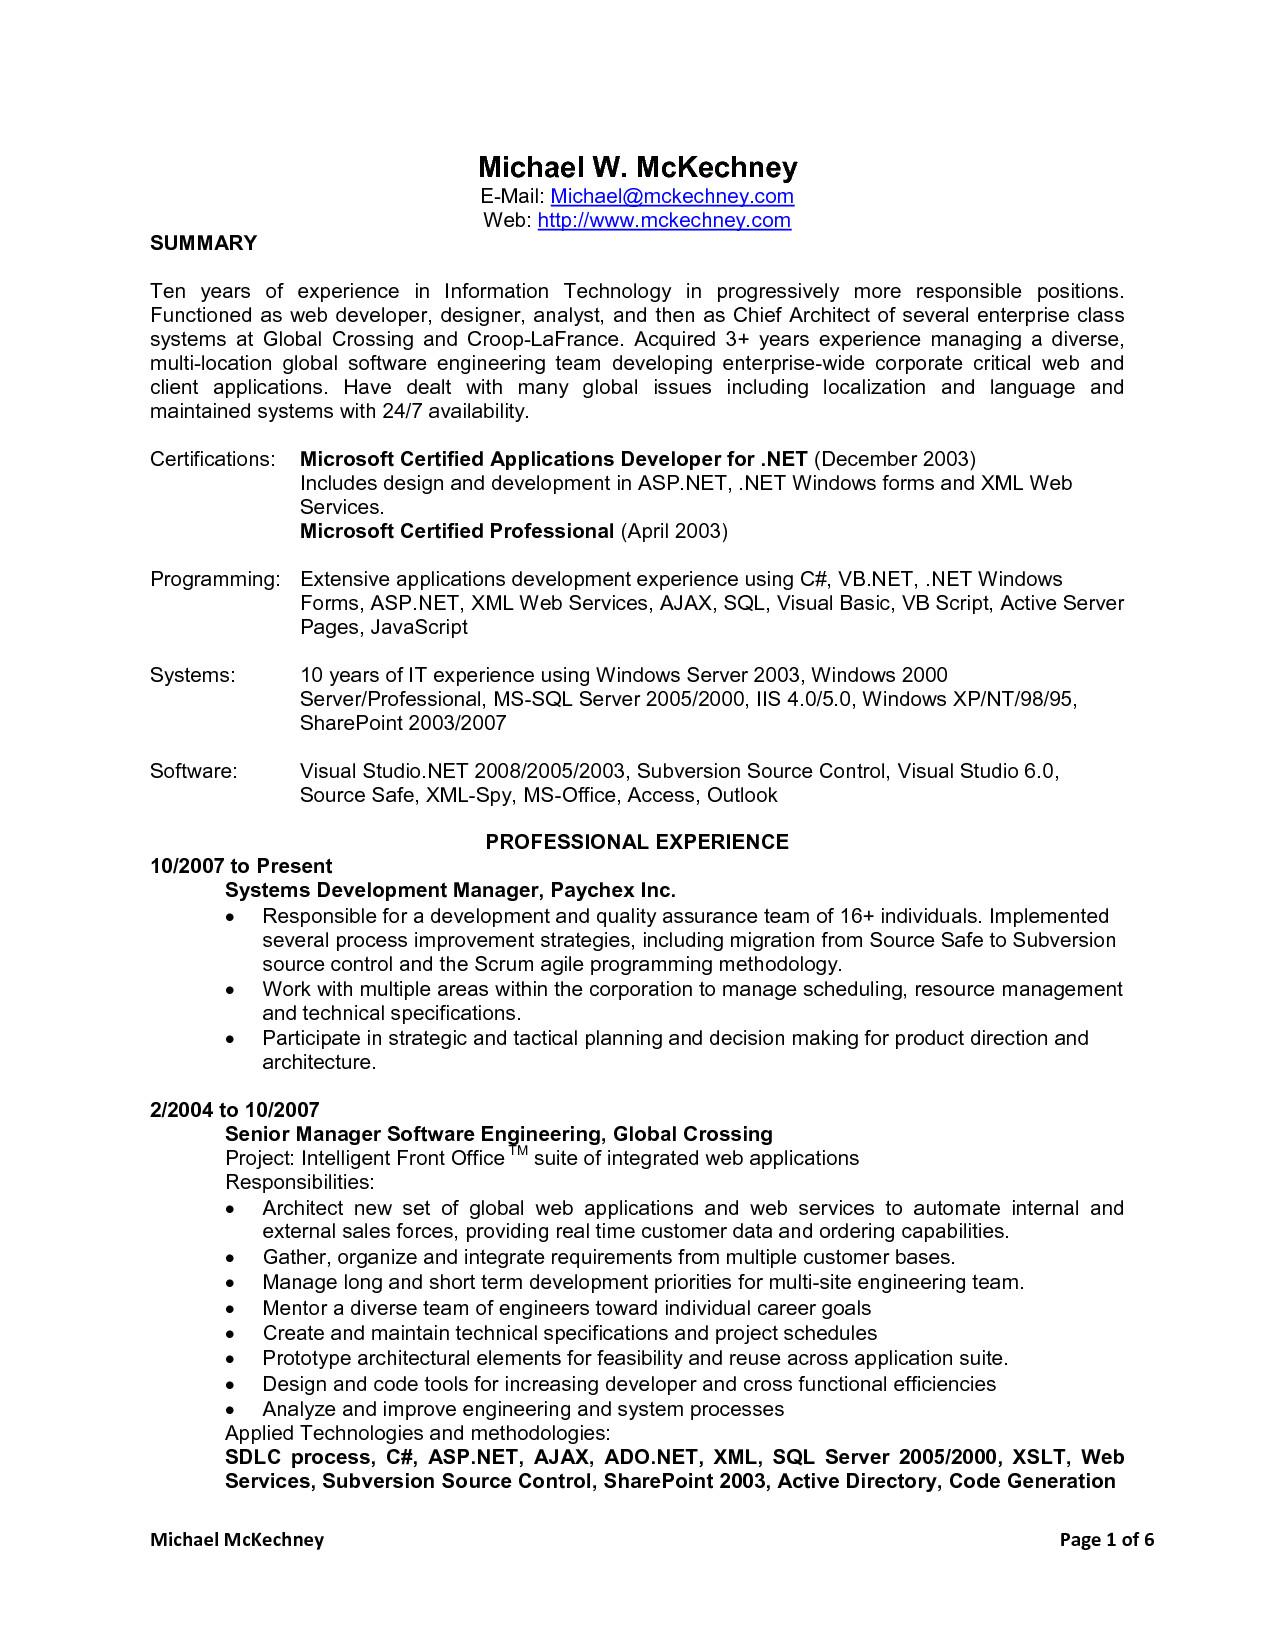 net developer resume 5 years